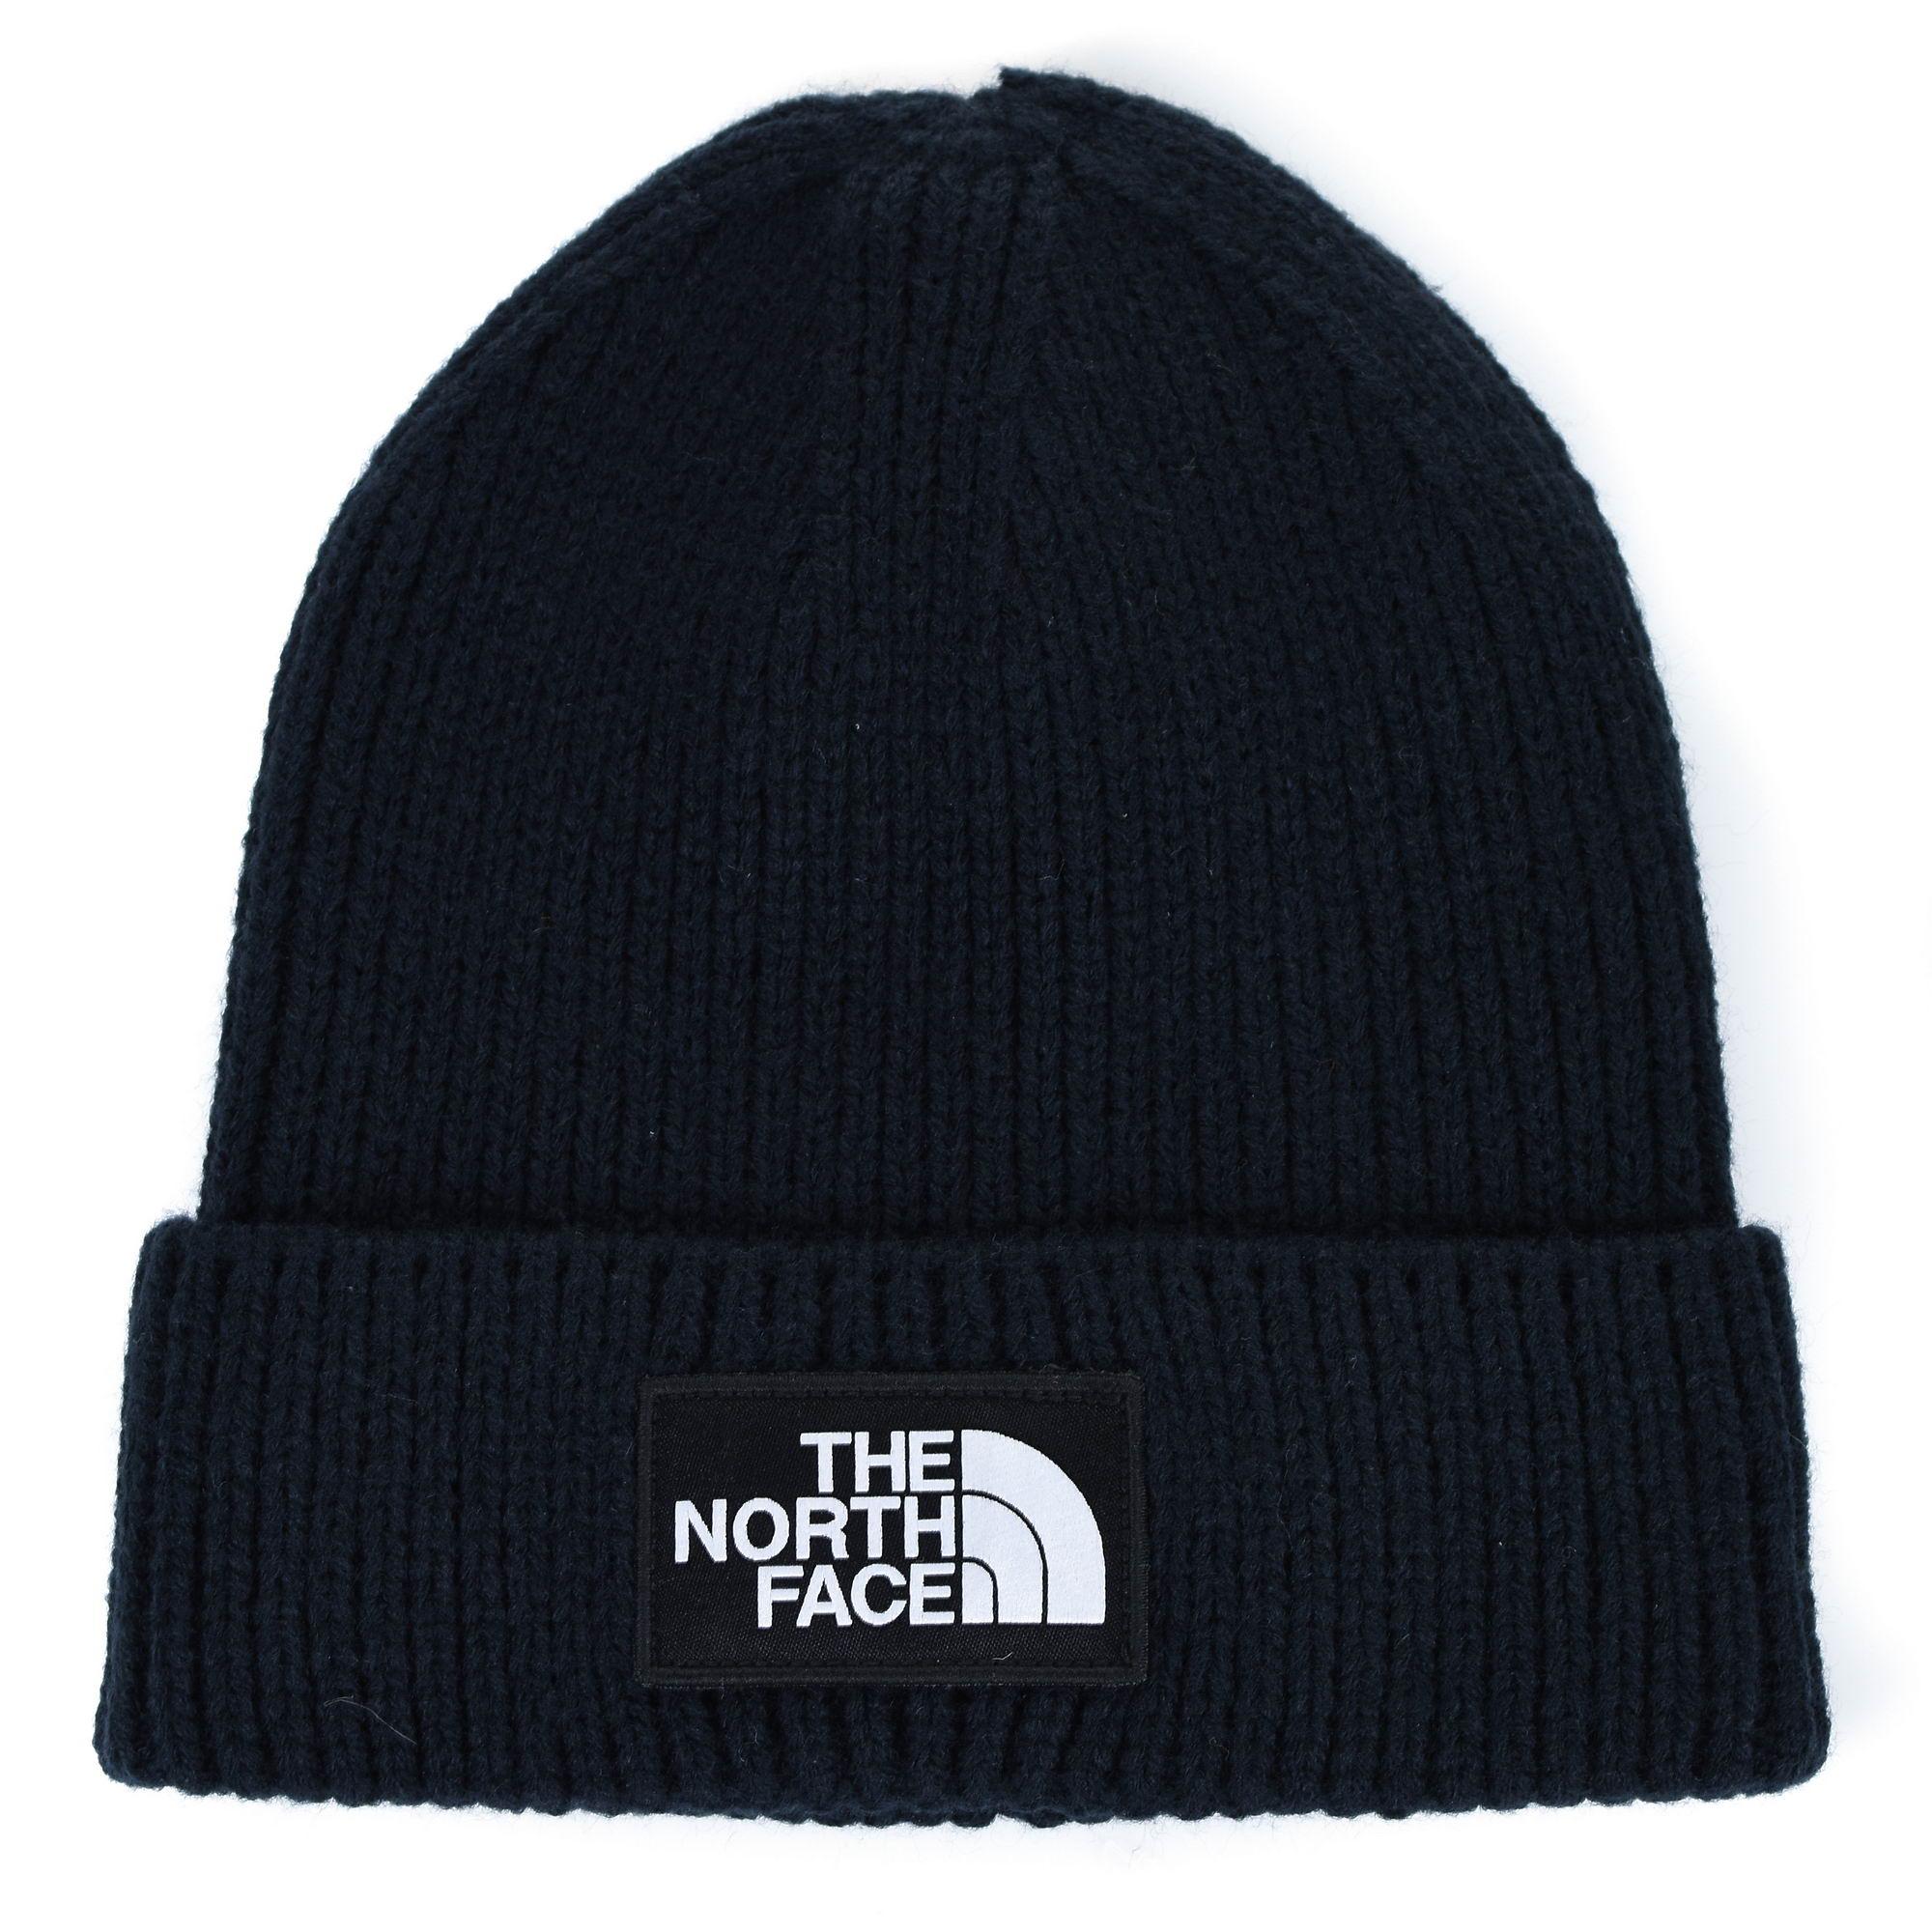 Σκουφάκι The North Face Tnf Logo Box Cuf Bne NF0A3FJX ανδρας   σκουφάκι